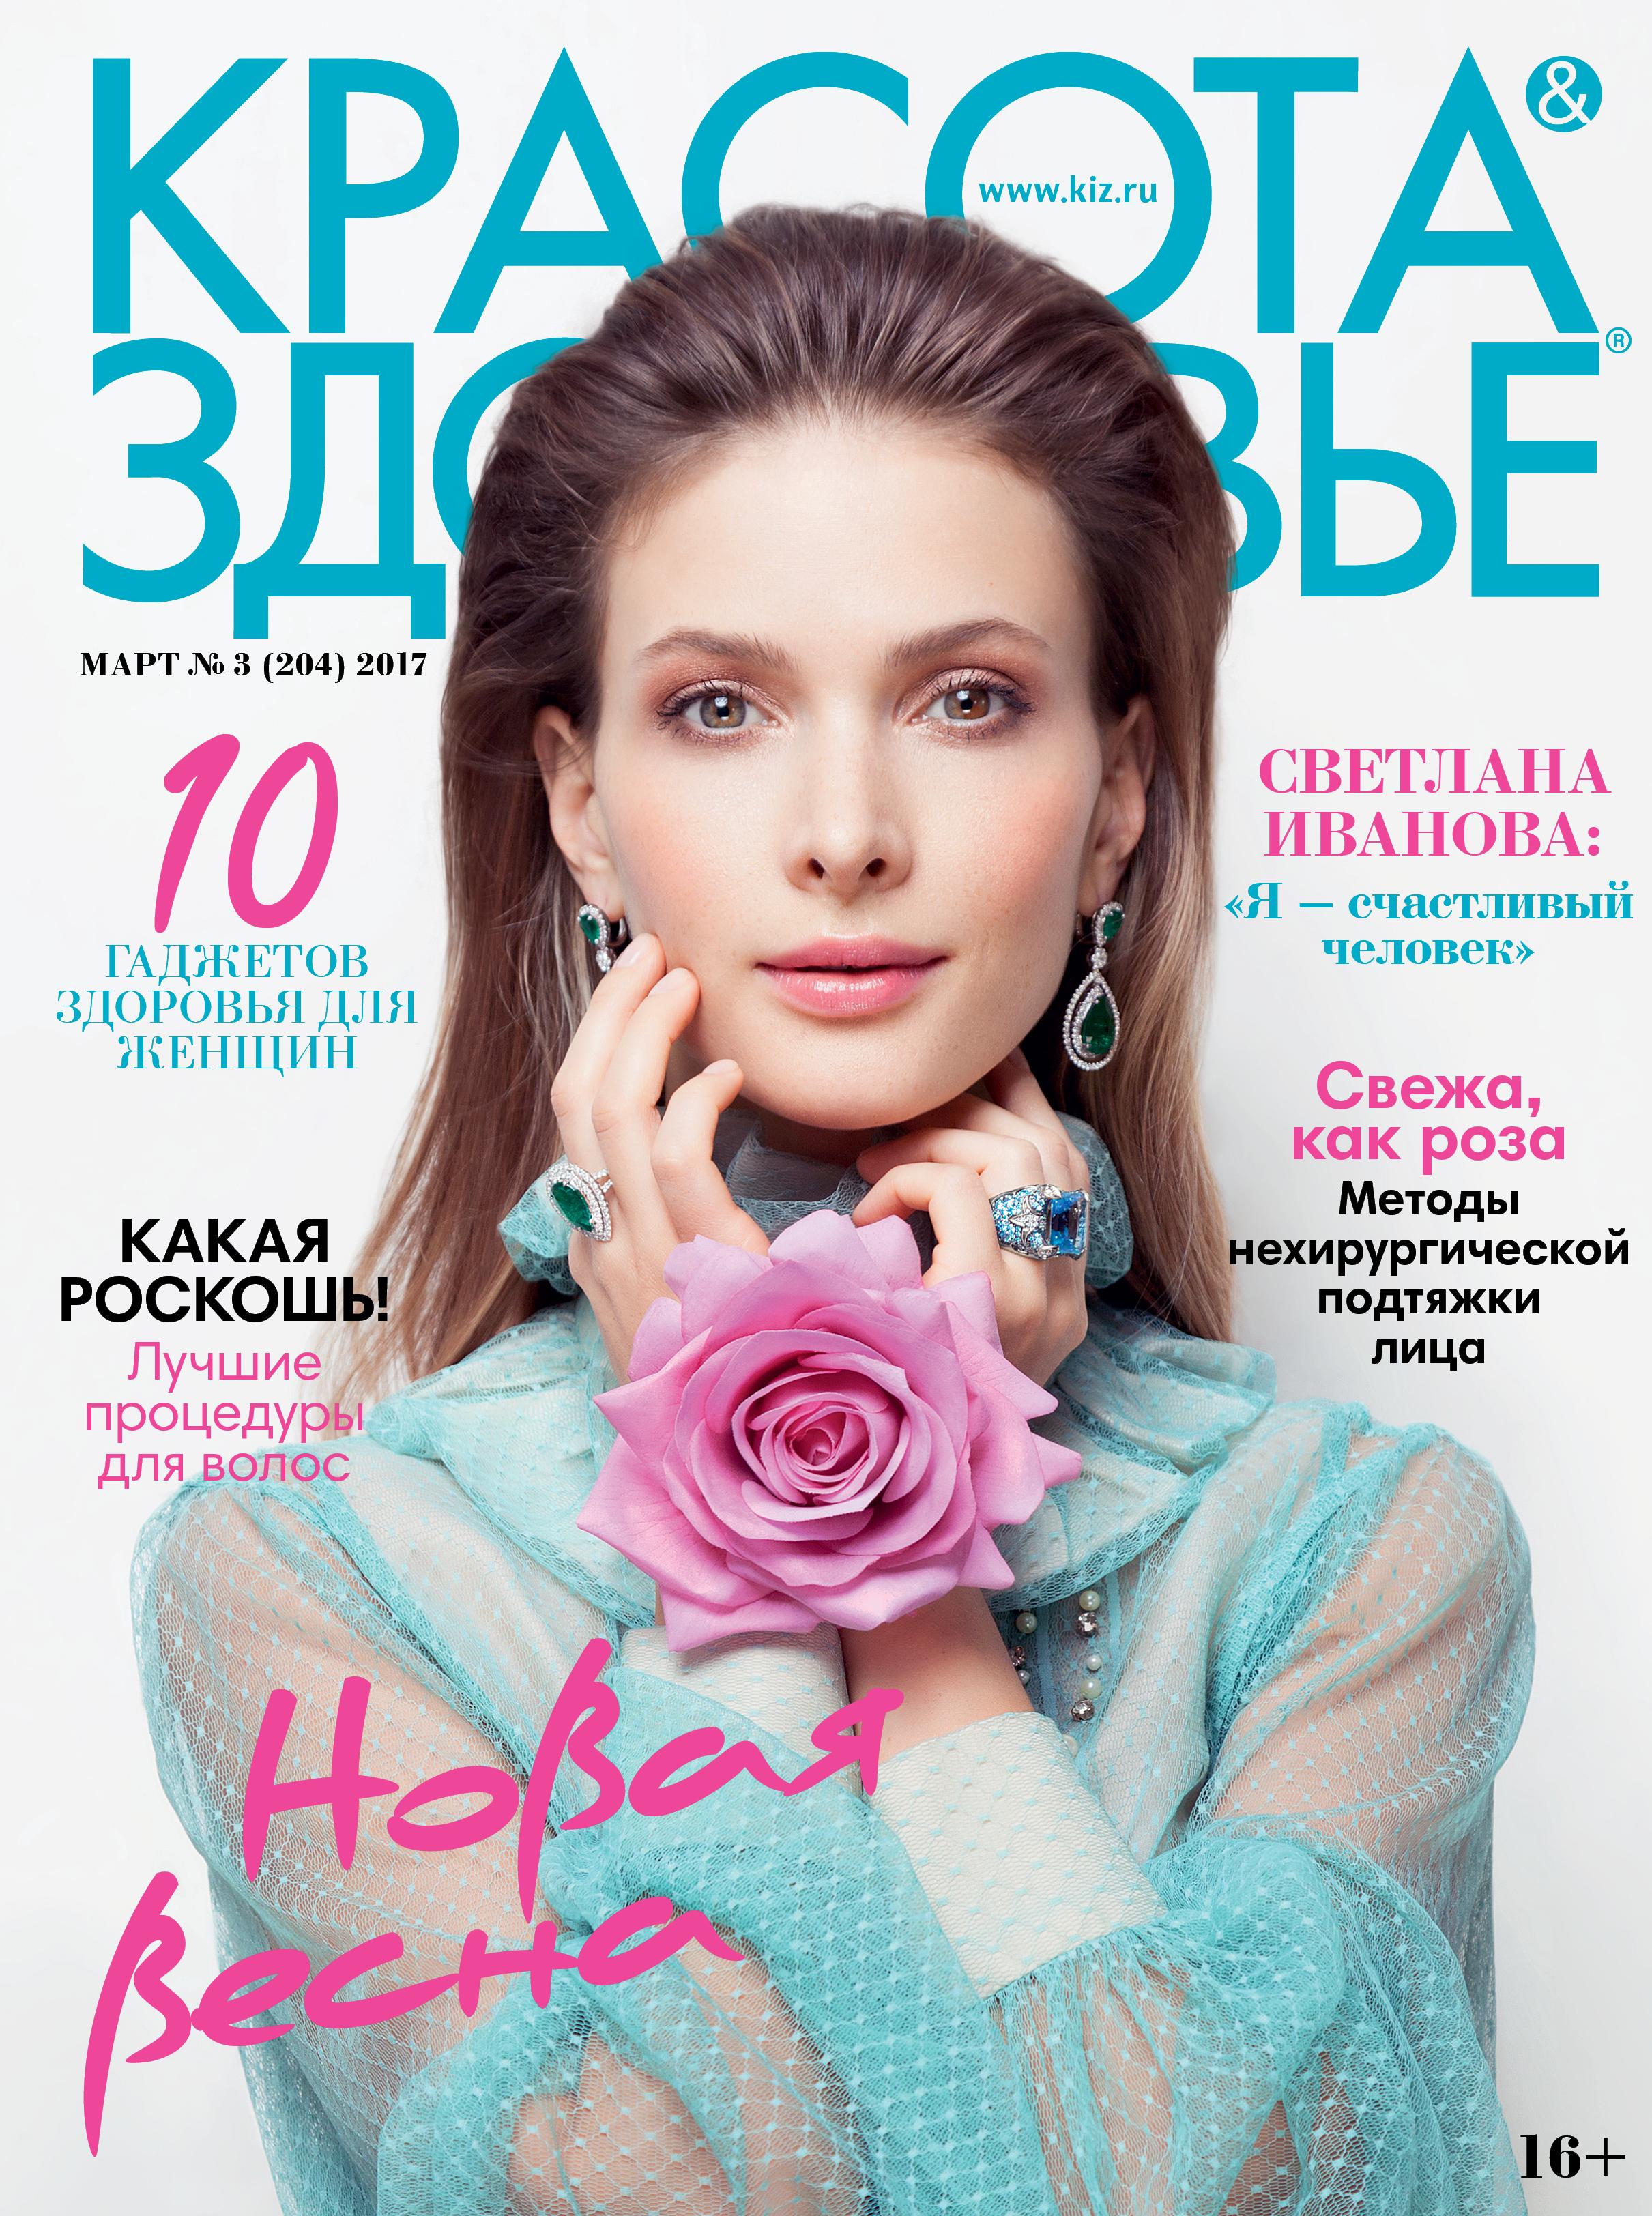 Красота и здоровье Журнал Красота и здоровье № 3 красота и здоровье журнал красота и здоровье 11